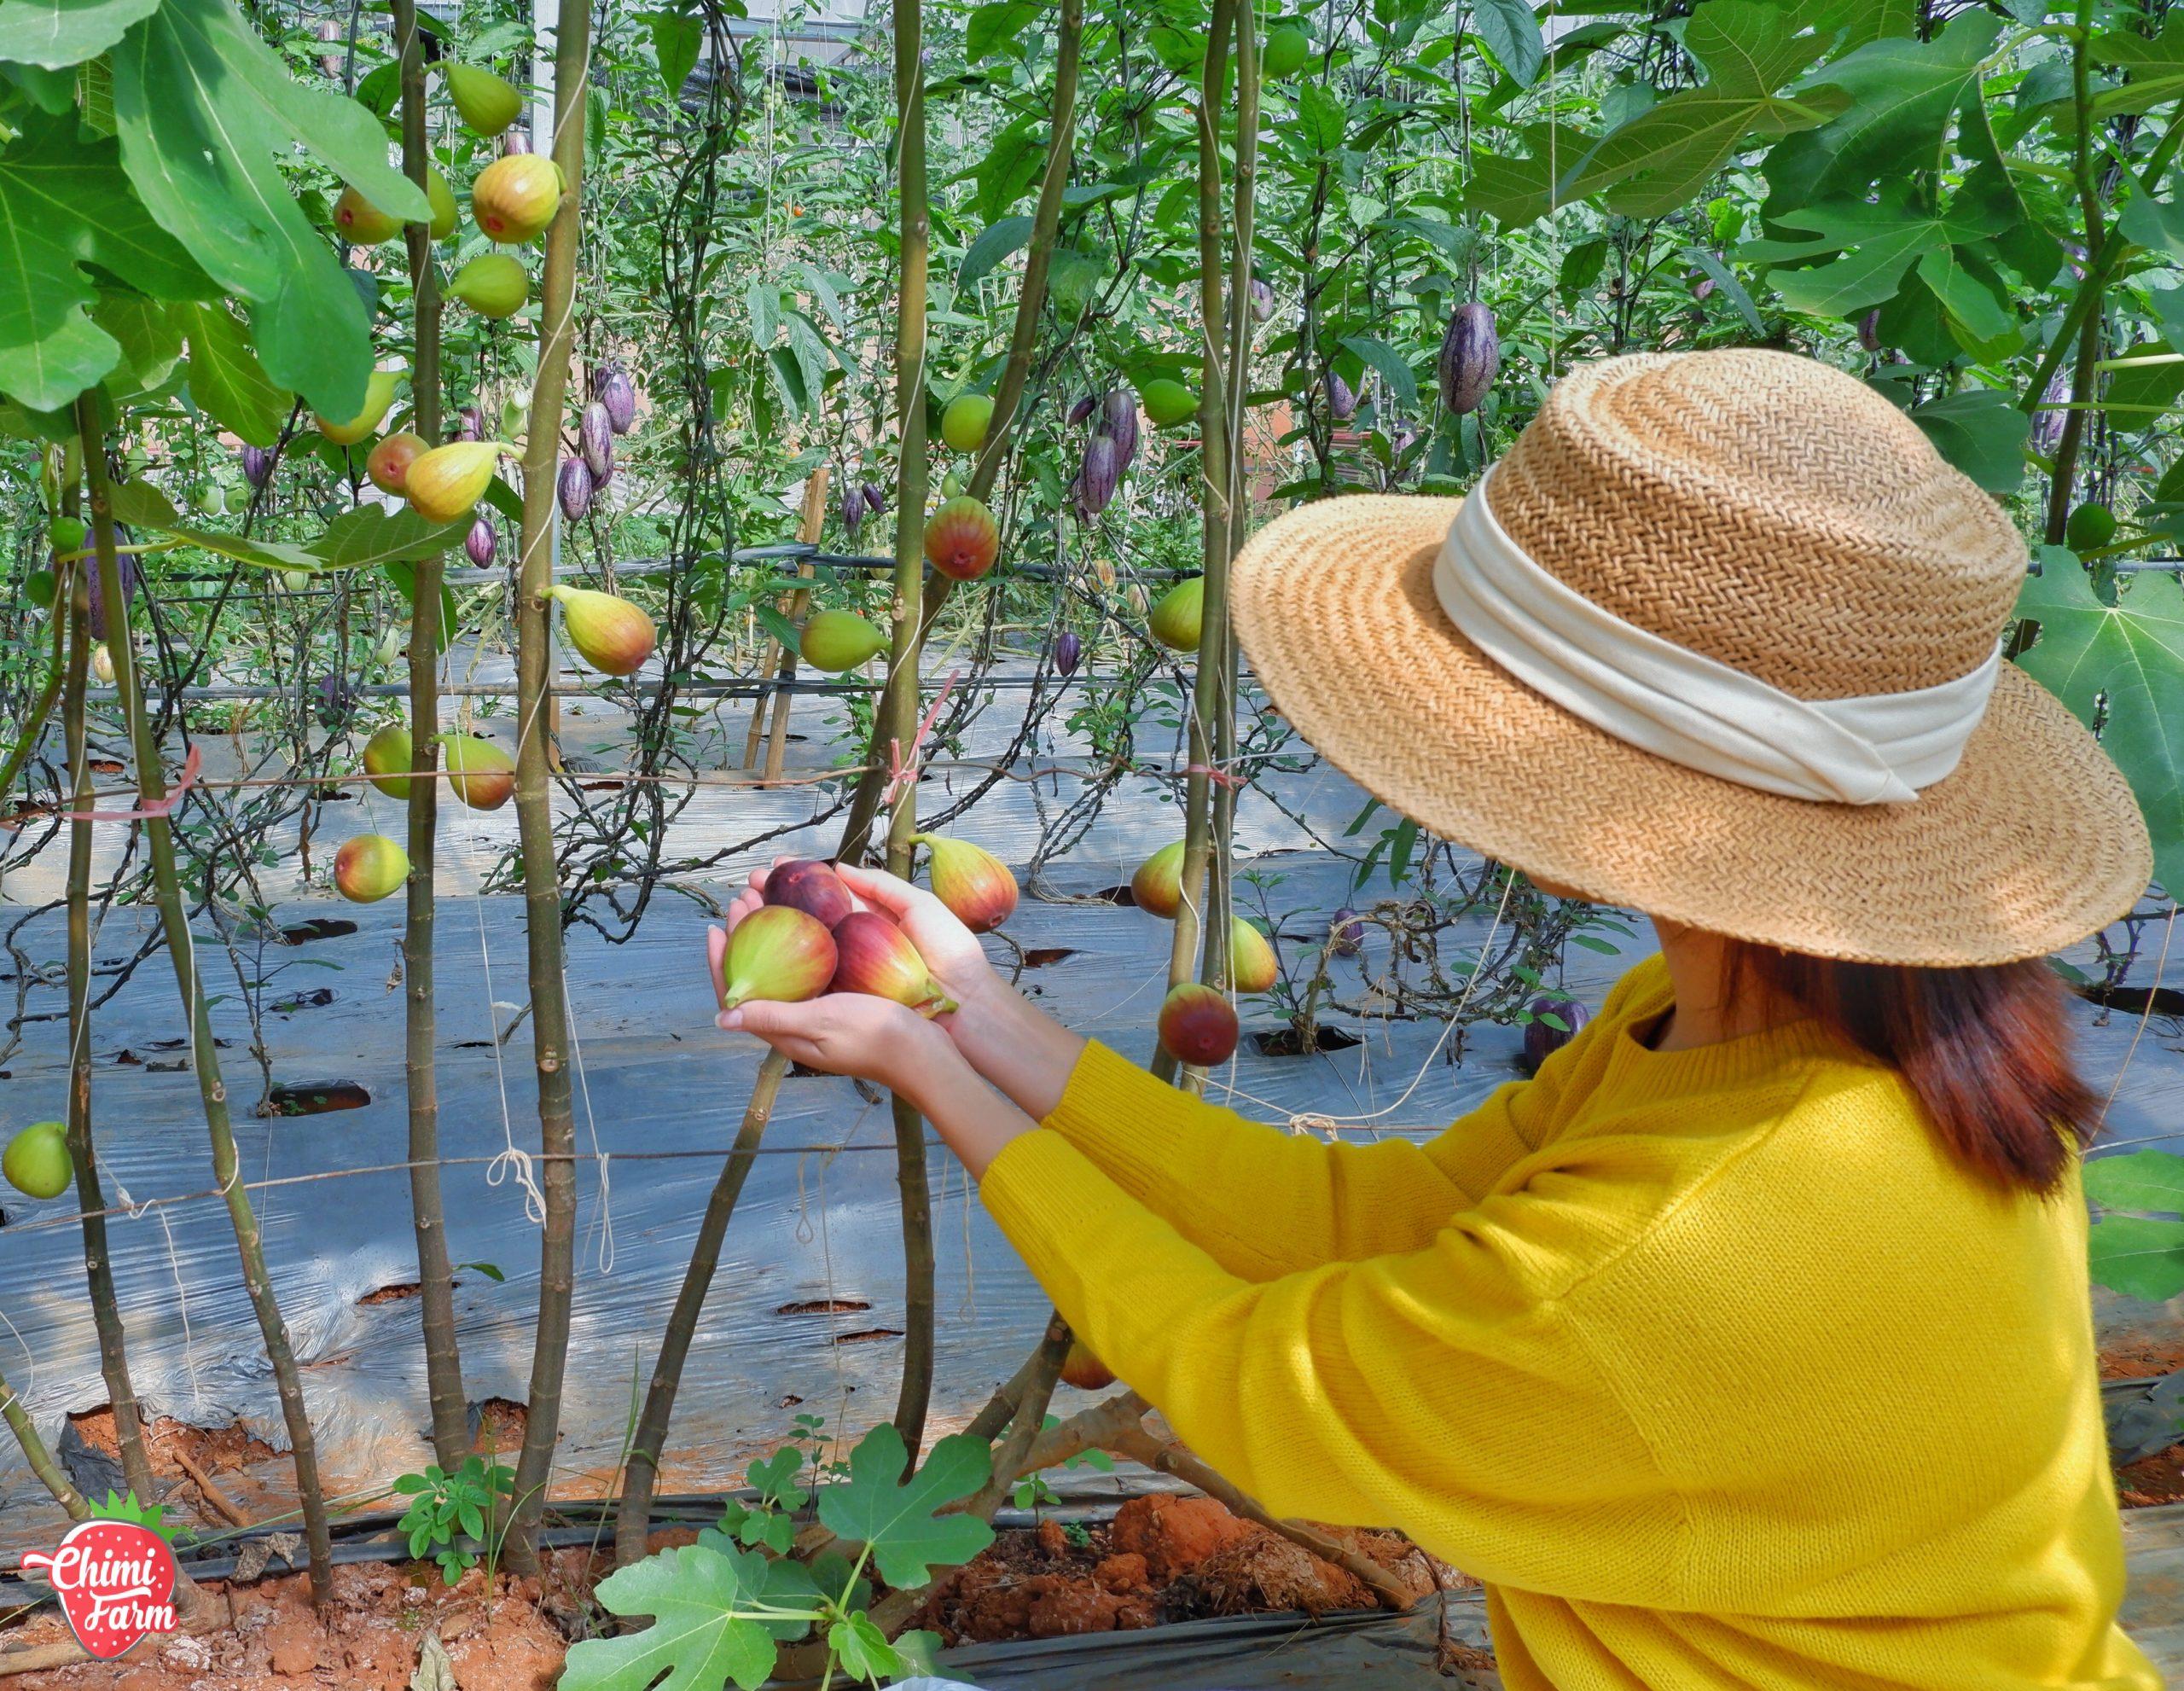 Bạn có muốn về Mộc Châu nuôi cá và trồng thêm rau?